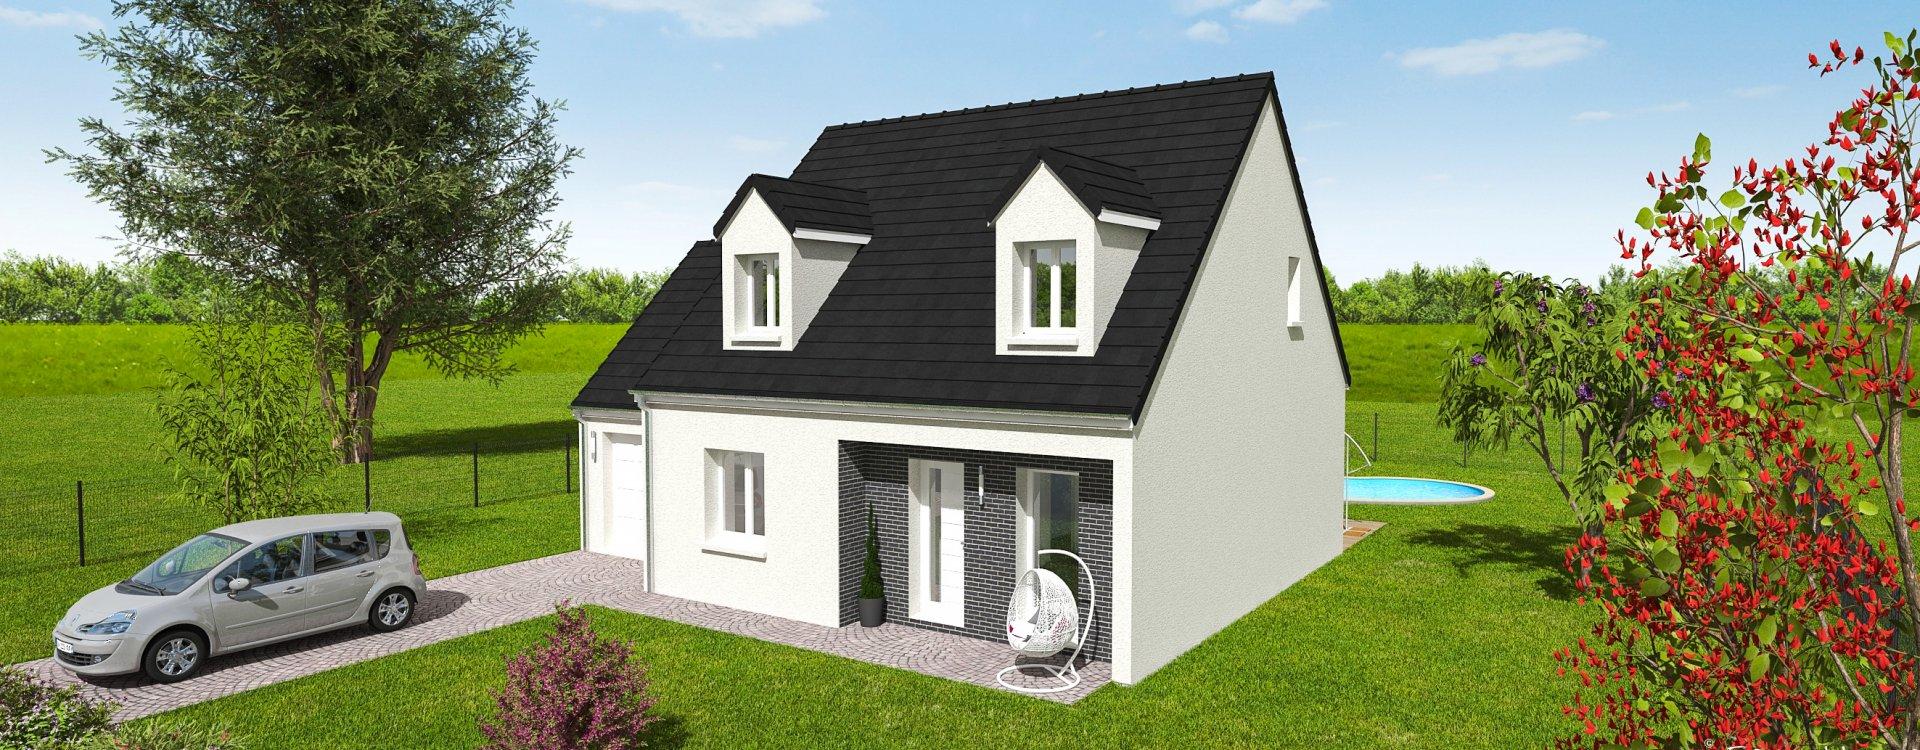 Maisons + Terrains du constructeur EASY HOUSE • 91 m² • SAINT AY